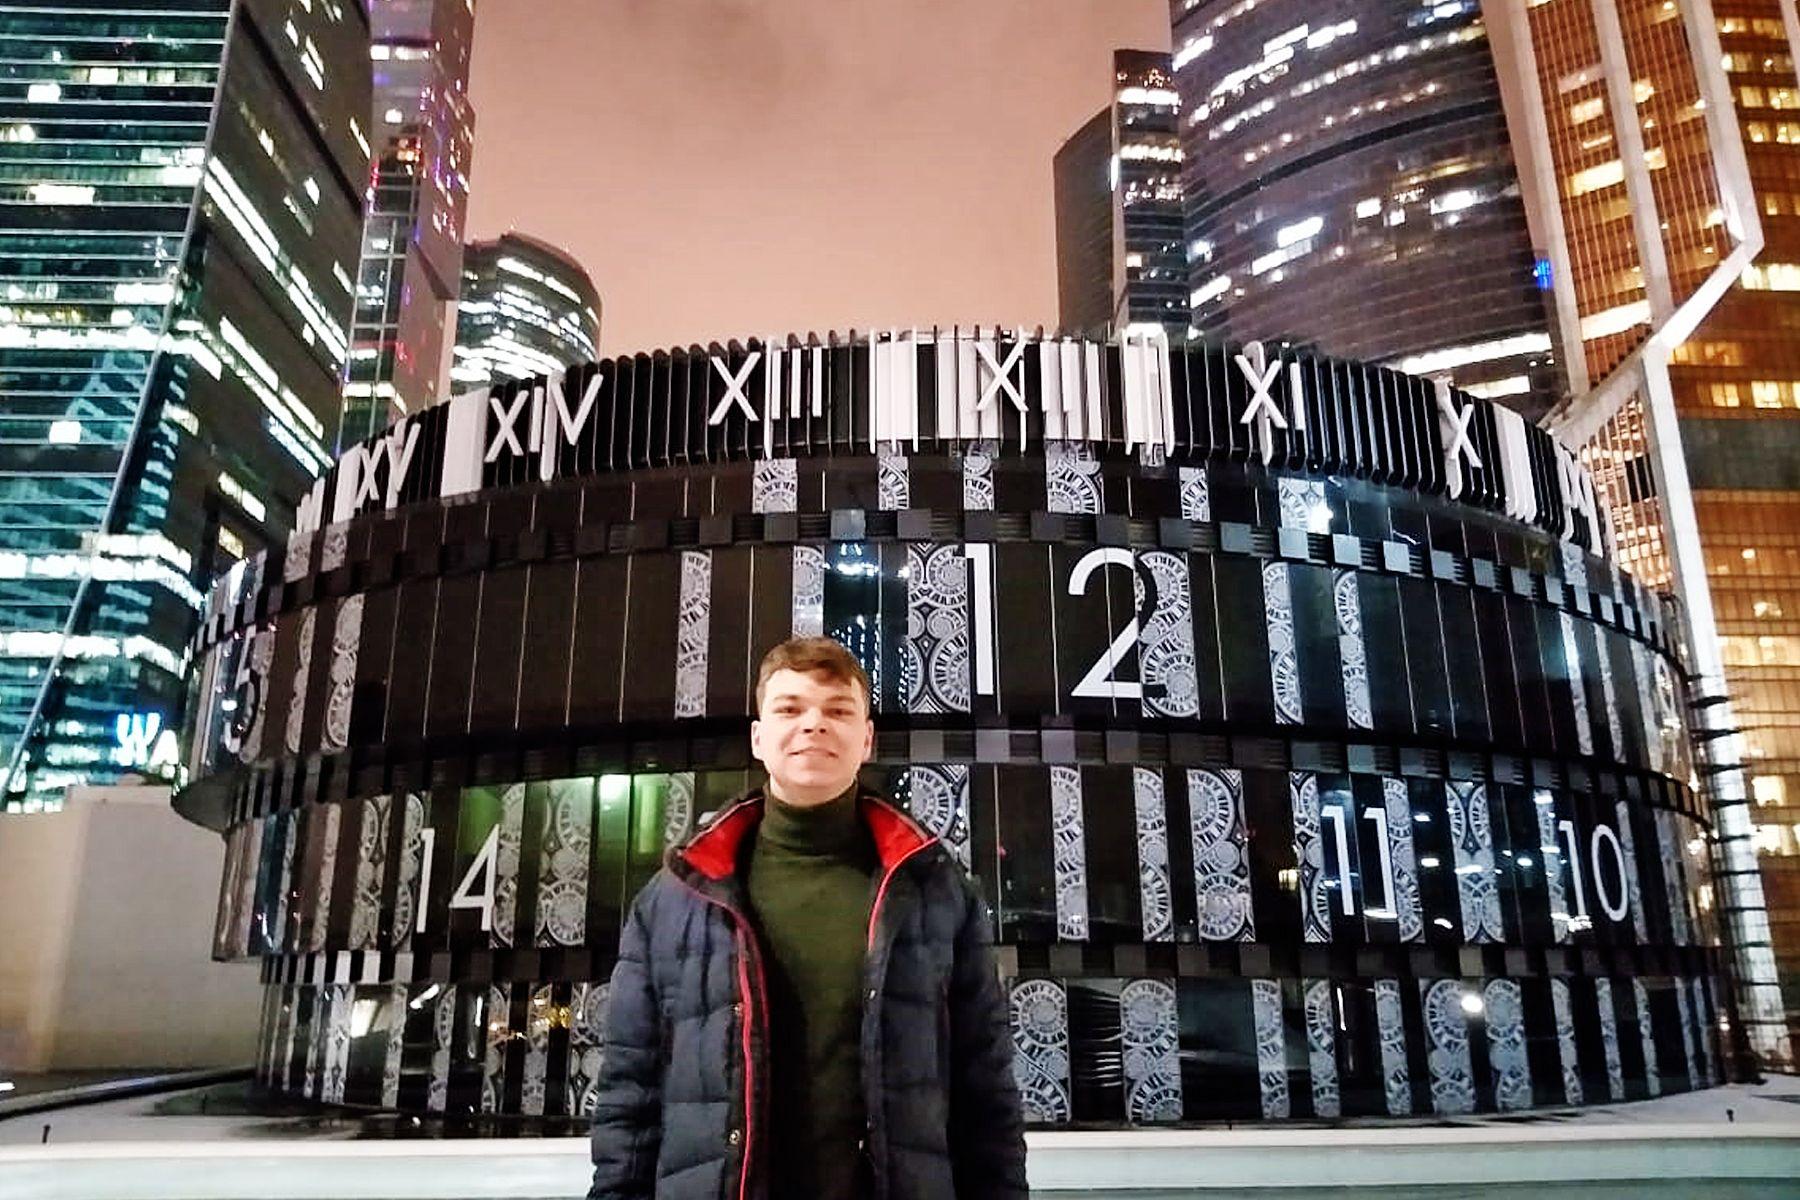 Студент ВГУЭС Артем Пустоваров — победитель, занявший третье место, XXIII Всероссийского конкурса научных работ молодежи «Экономический рост России»